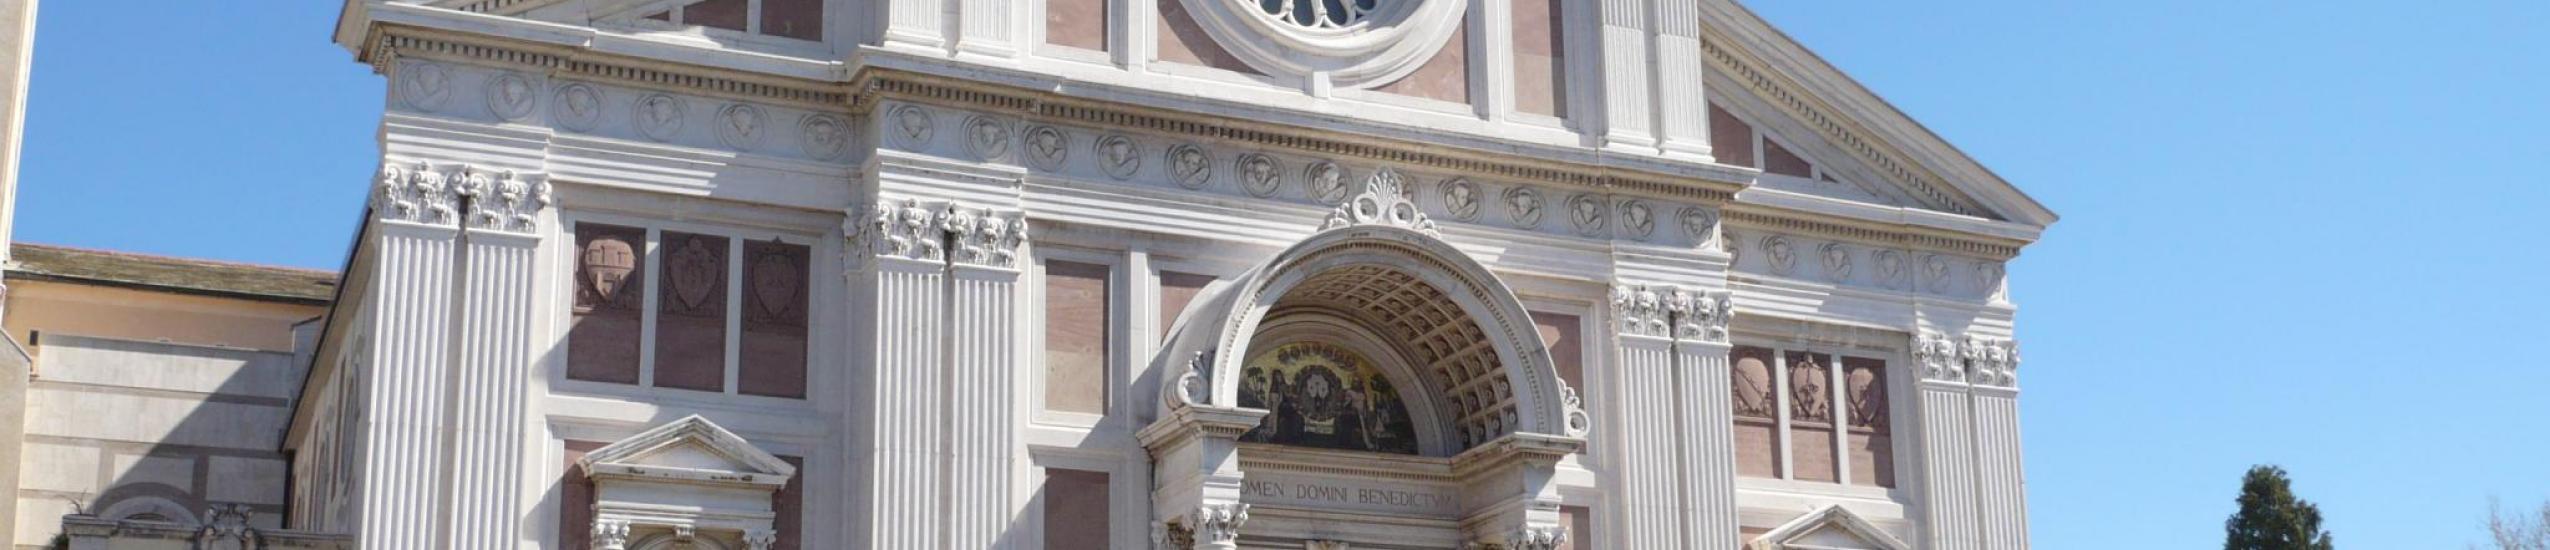 santuario del santo bambino di praga